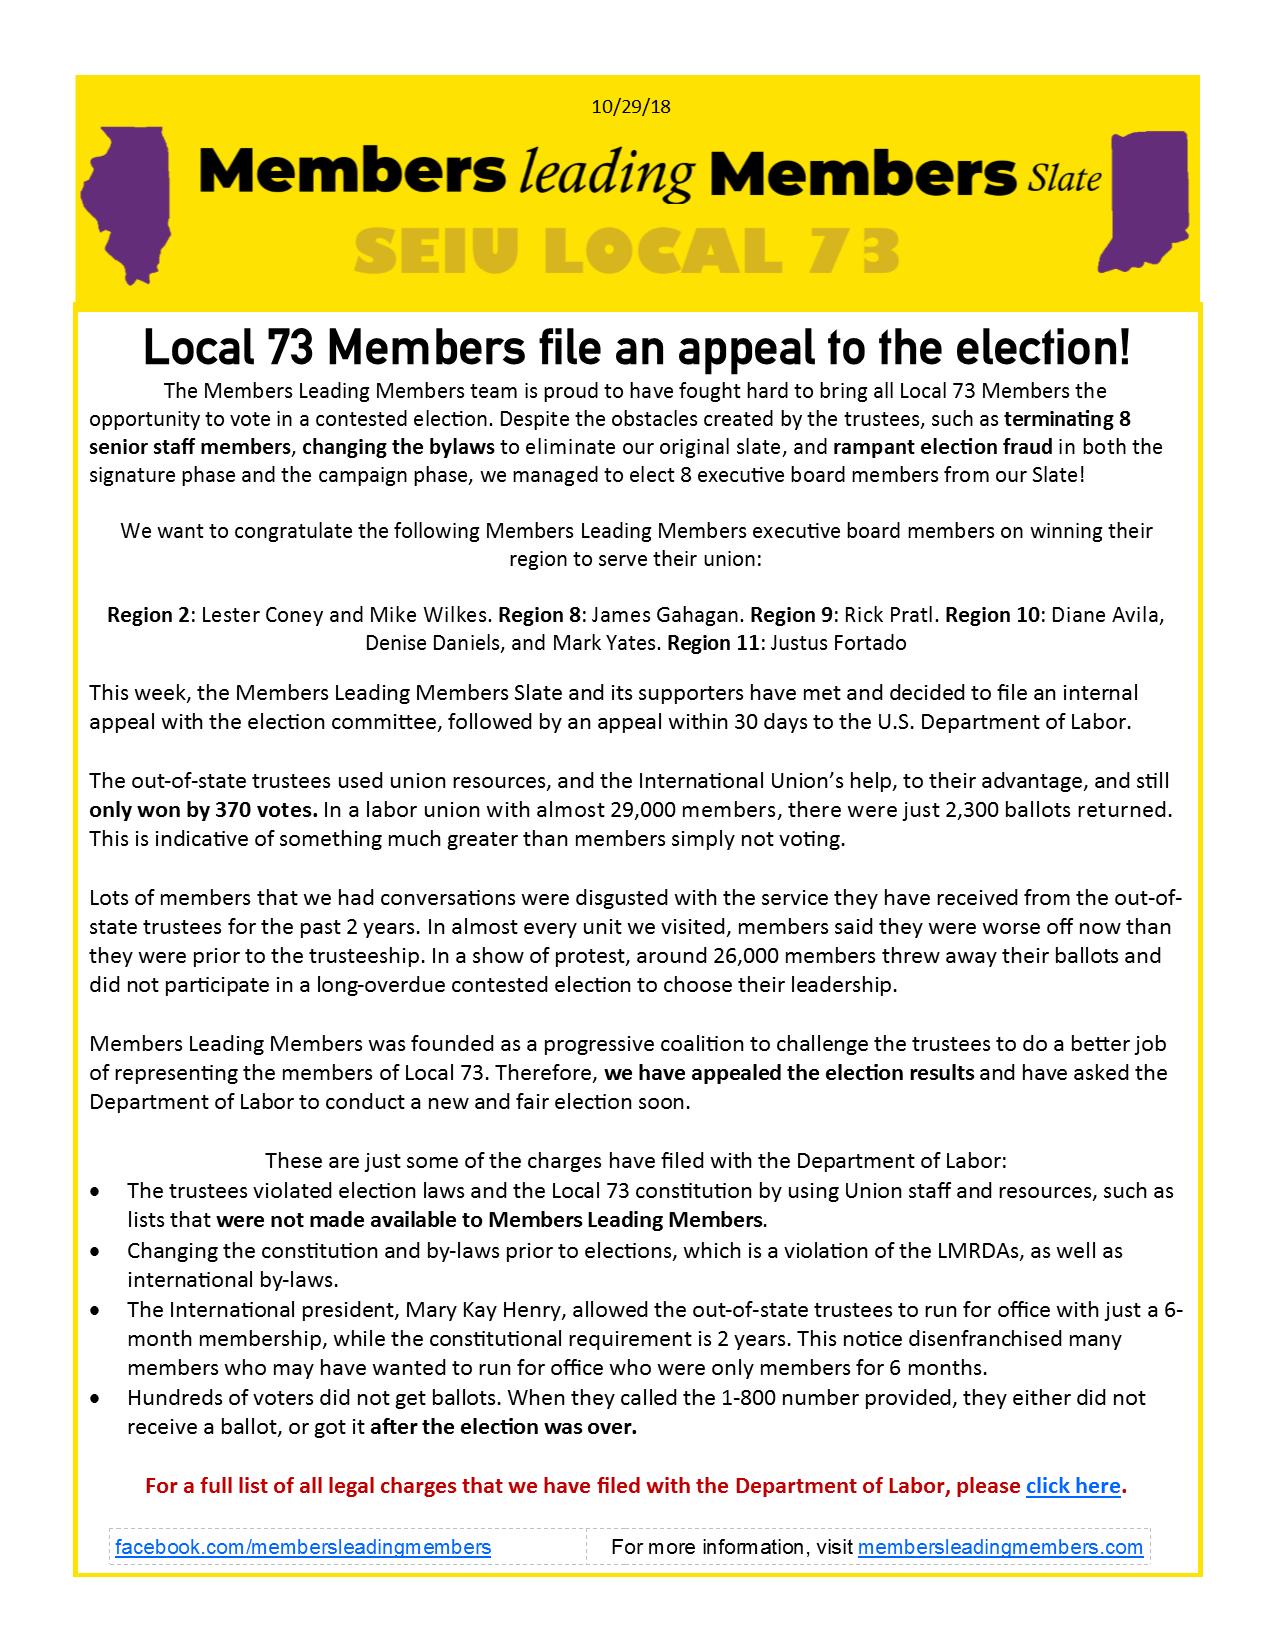 Members Leading Members Flier 10-29-18.png